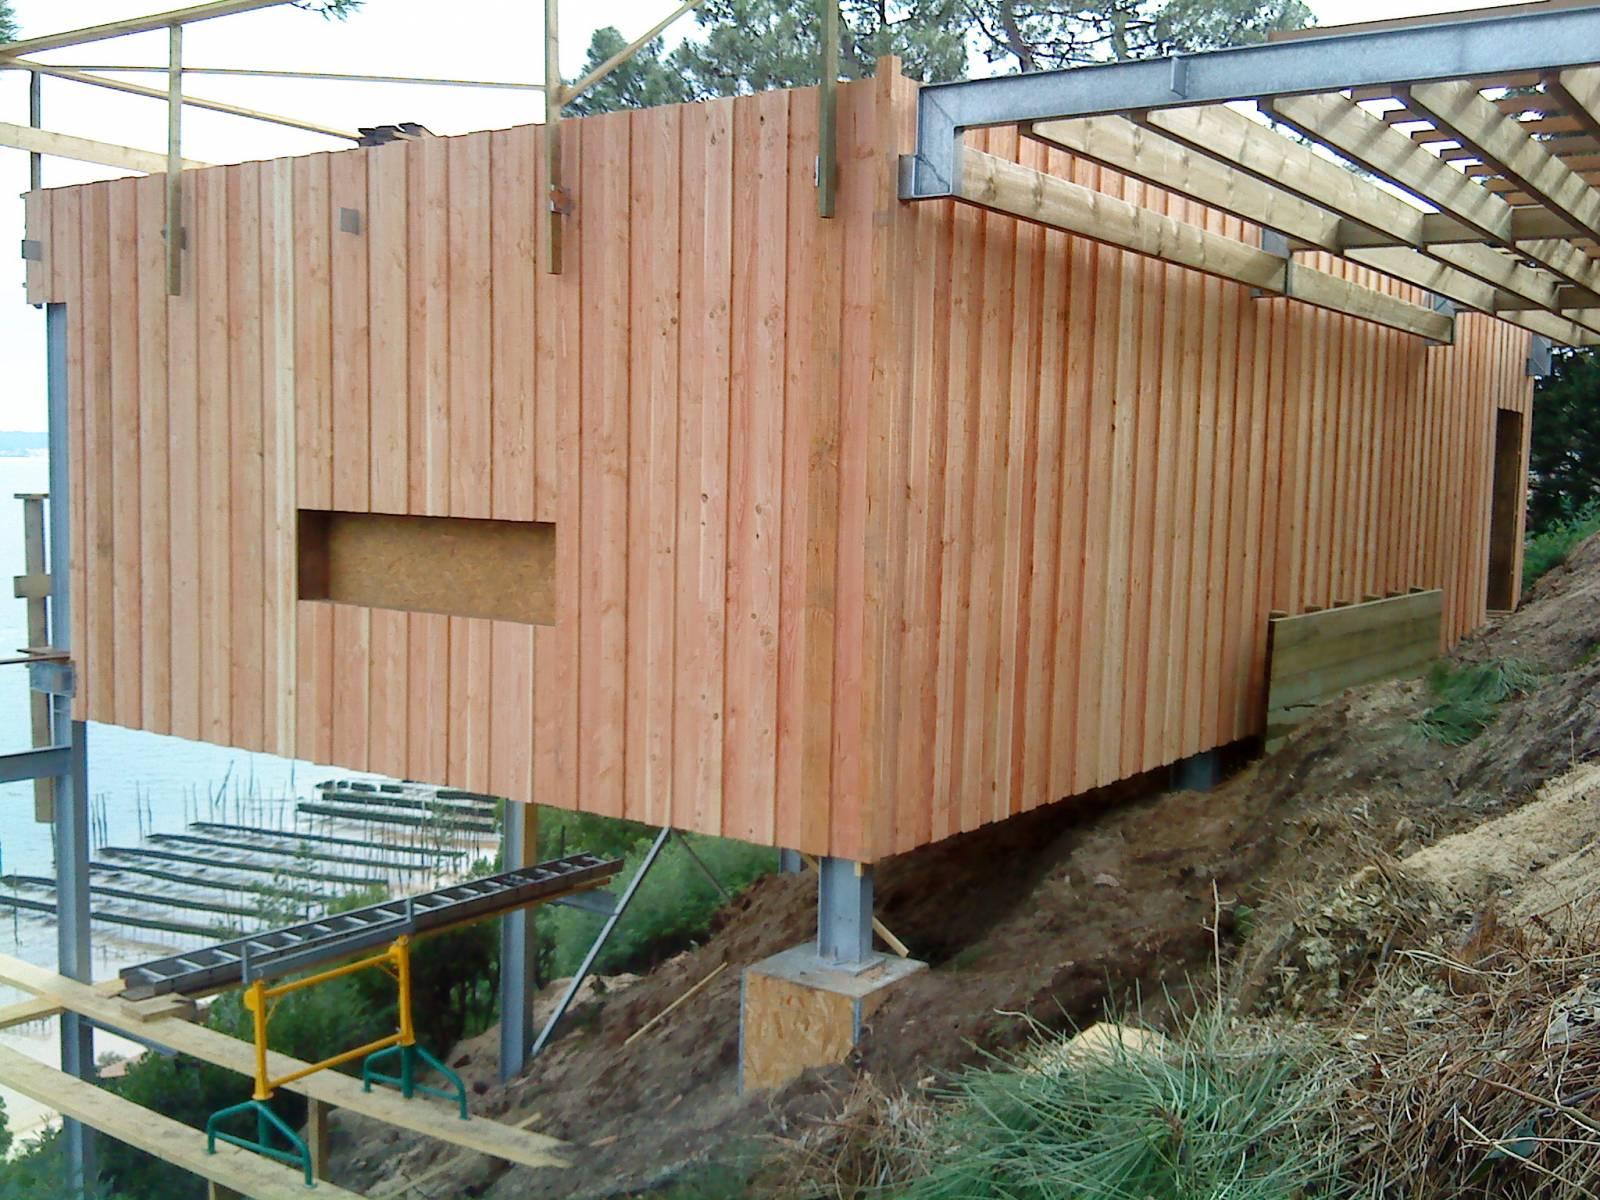 Ossature Métallique Pour Terrasse Bois maison en bois sur pilotis au cap ferret sur structure